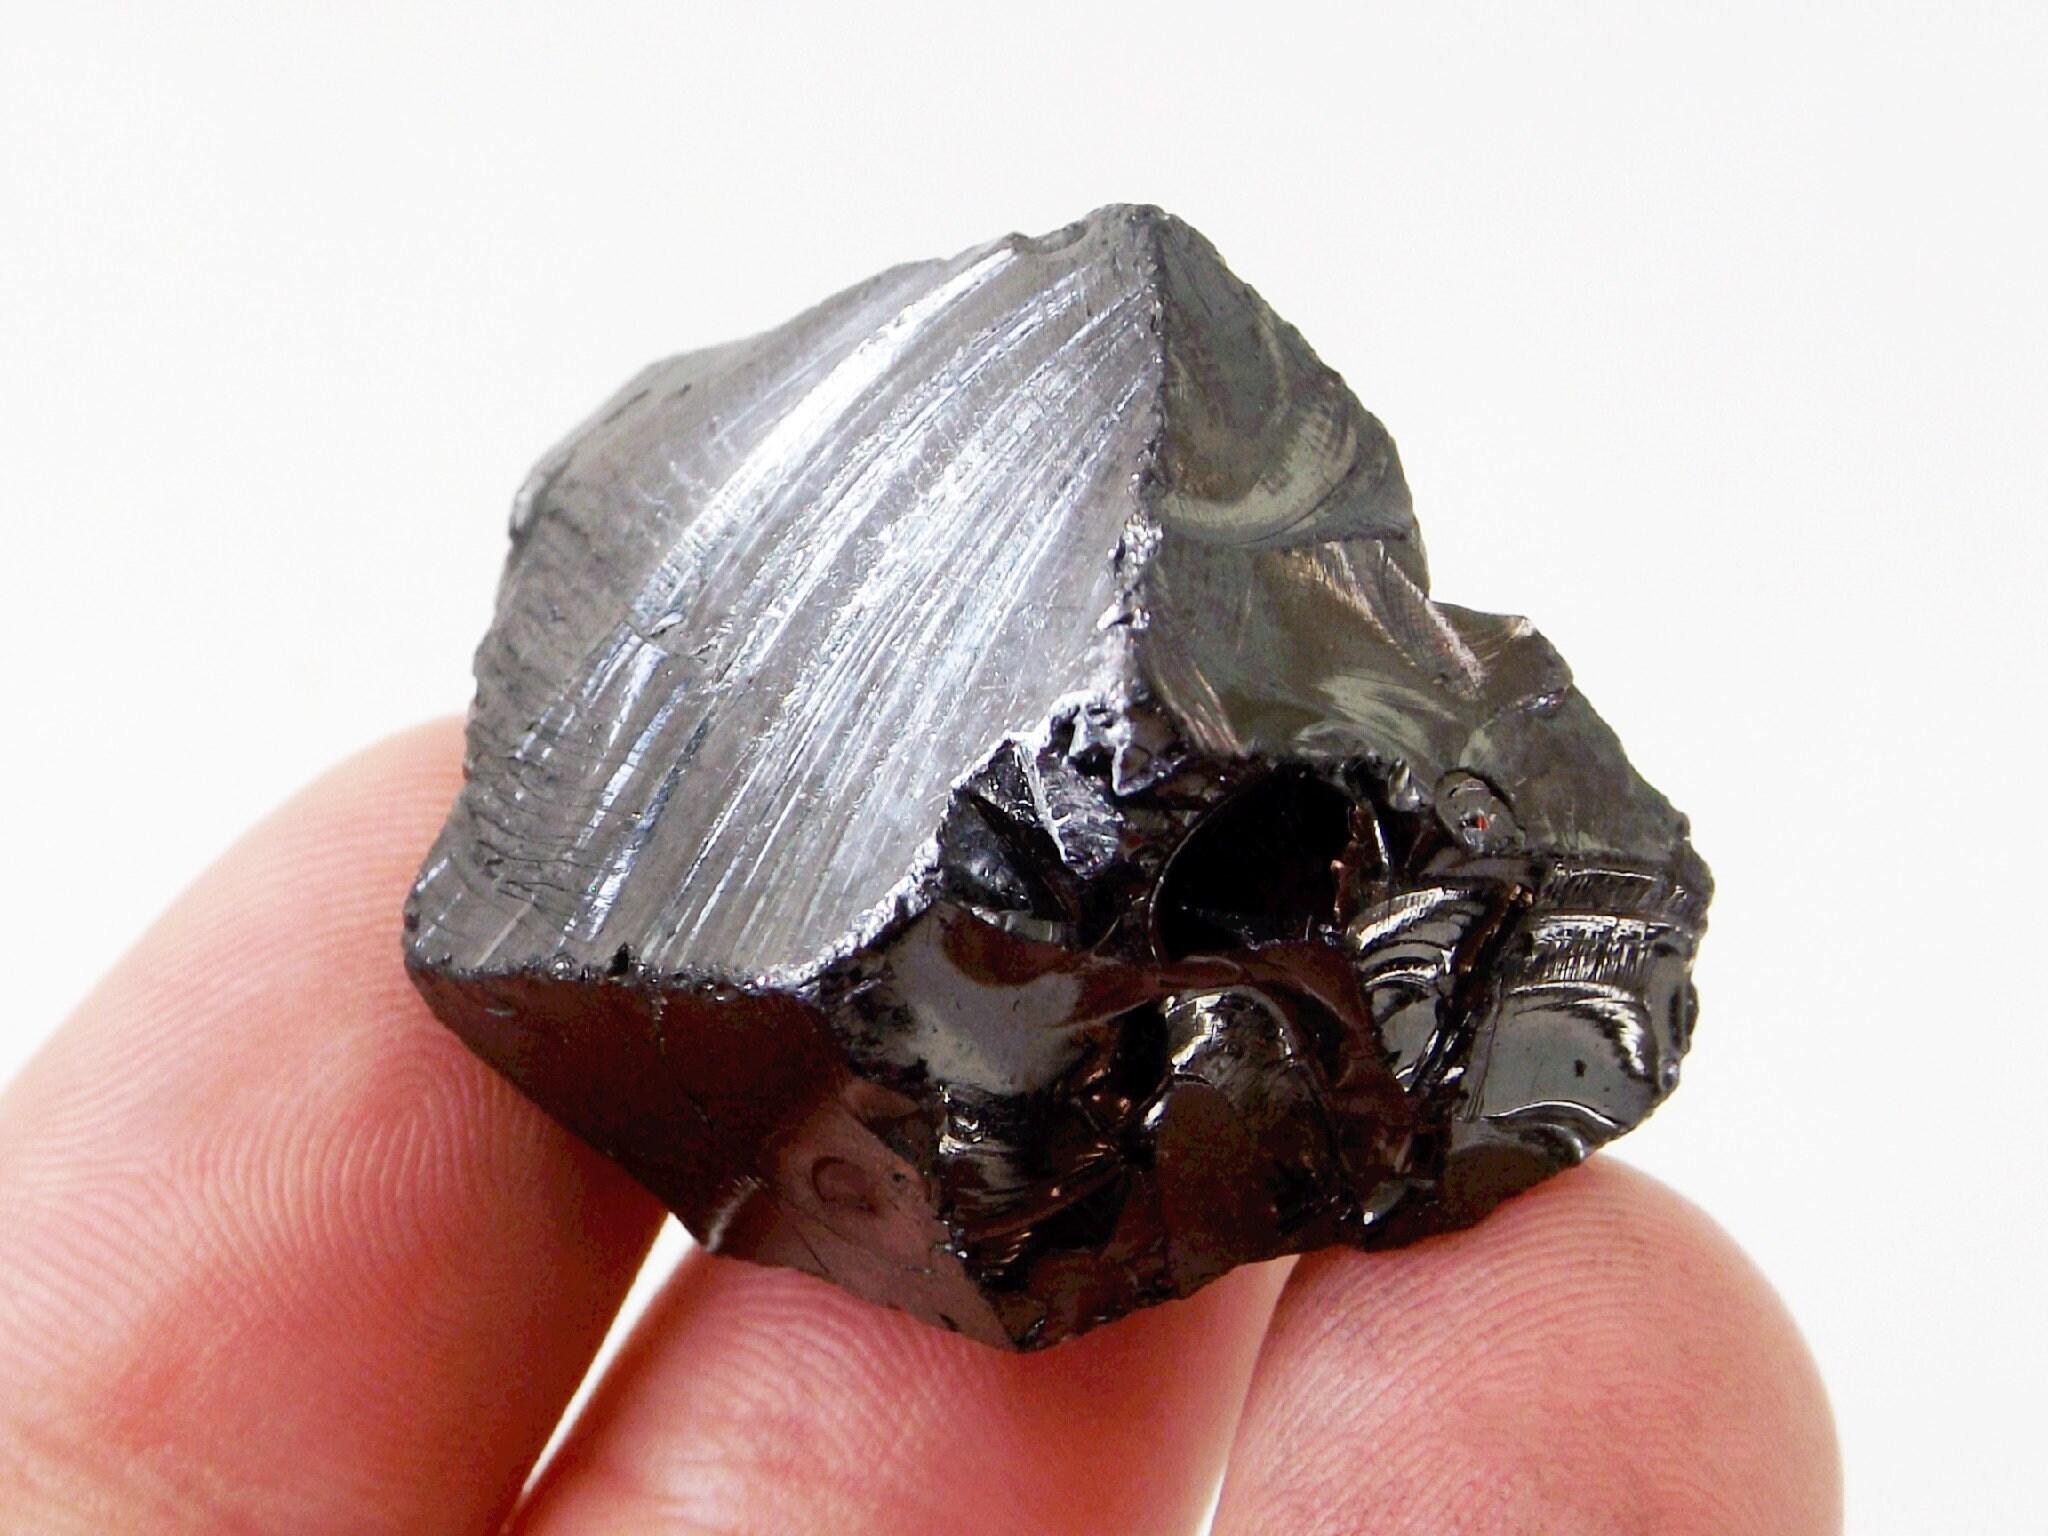 Elite Shungite Stone - 13g, Noble Shungite, Silver Shungite, Raw Shungite,  Shungite for Jewelry